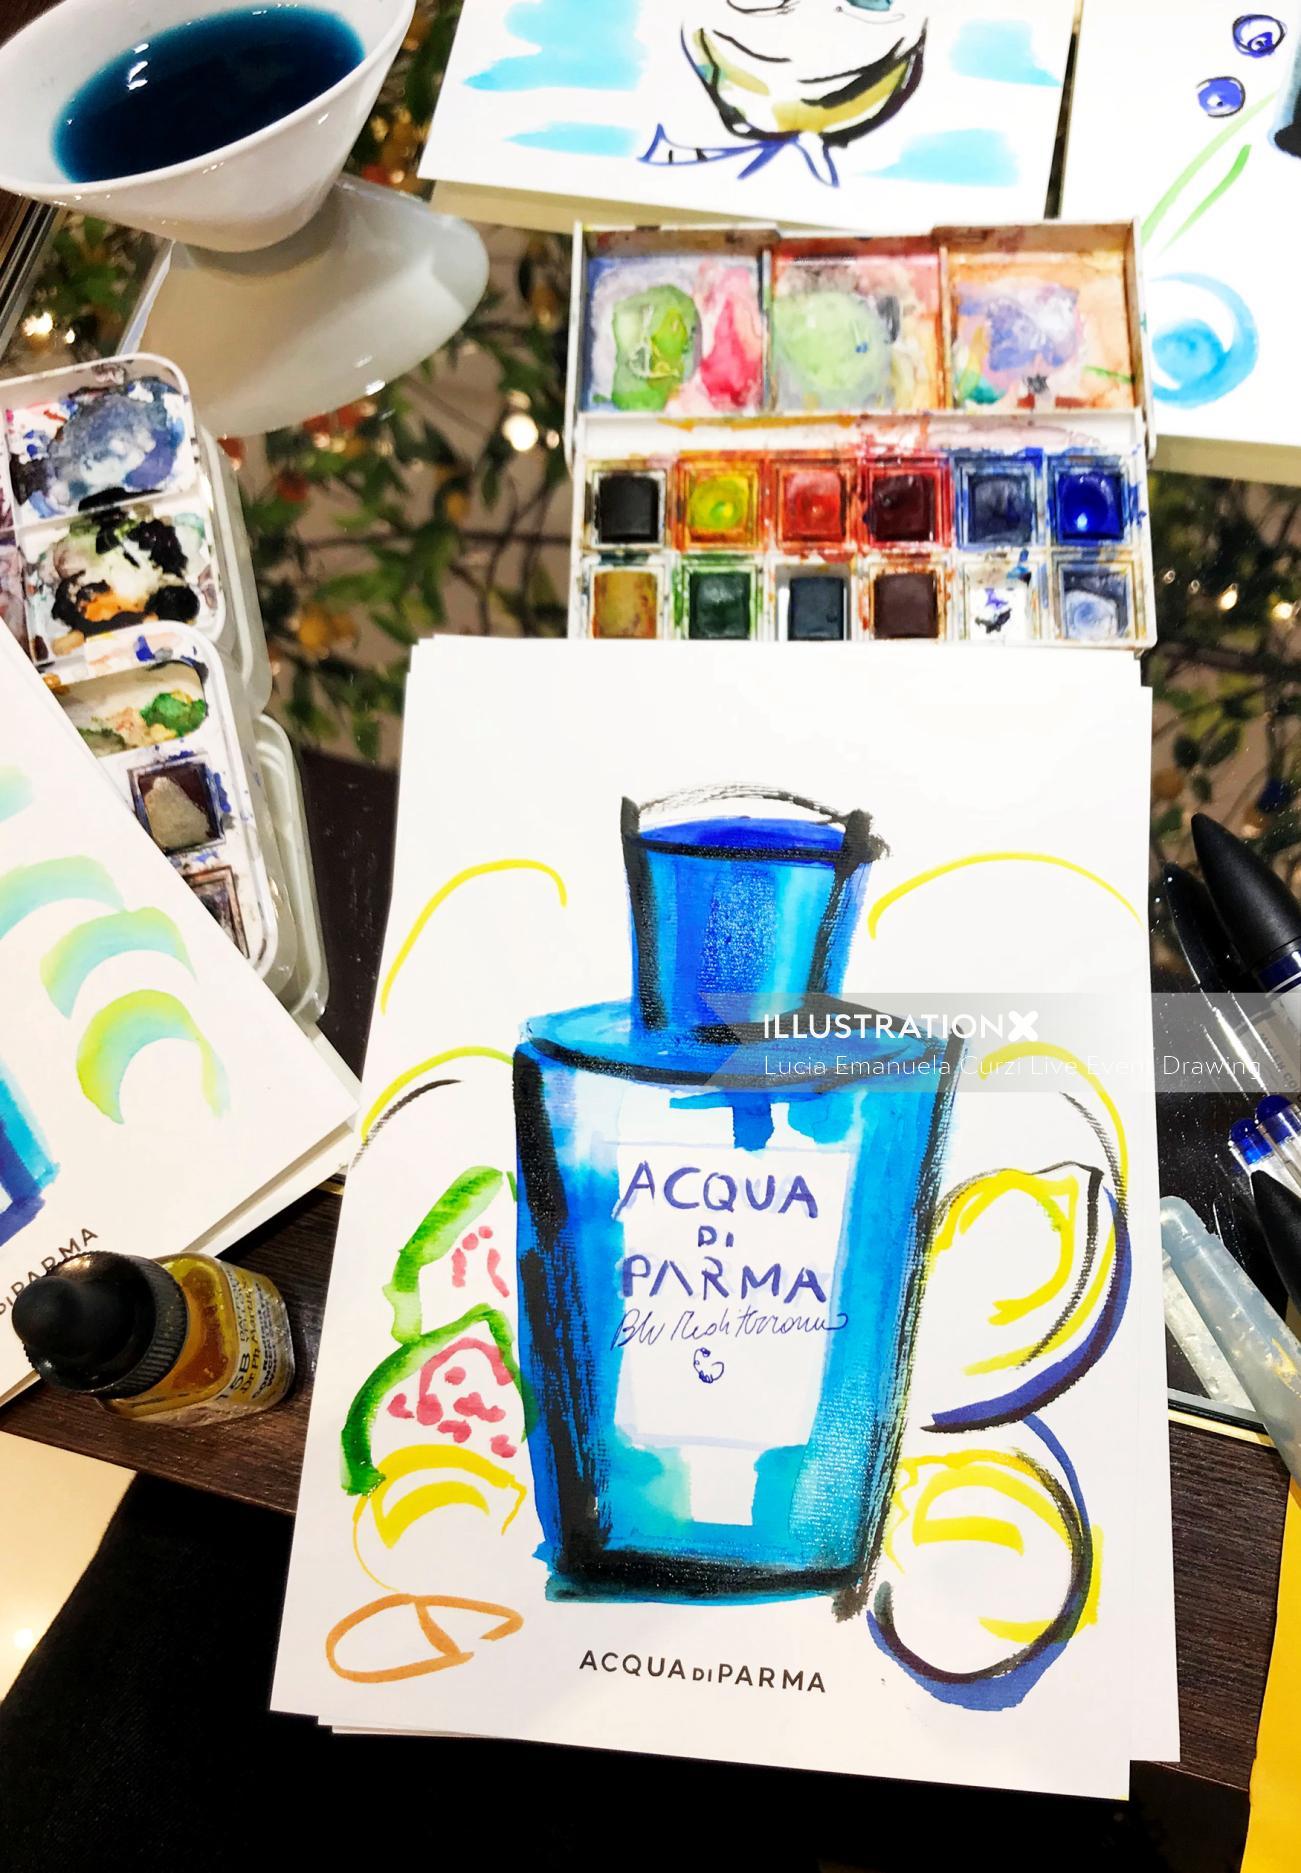 Live Event drawing Acqua De Parma perfume